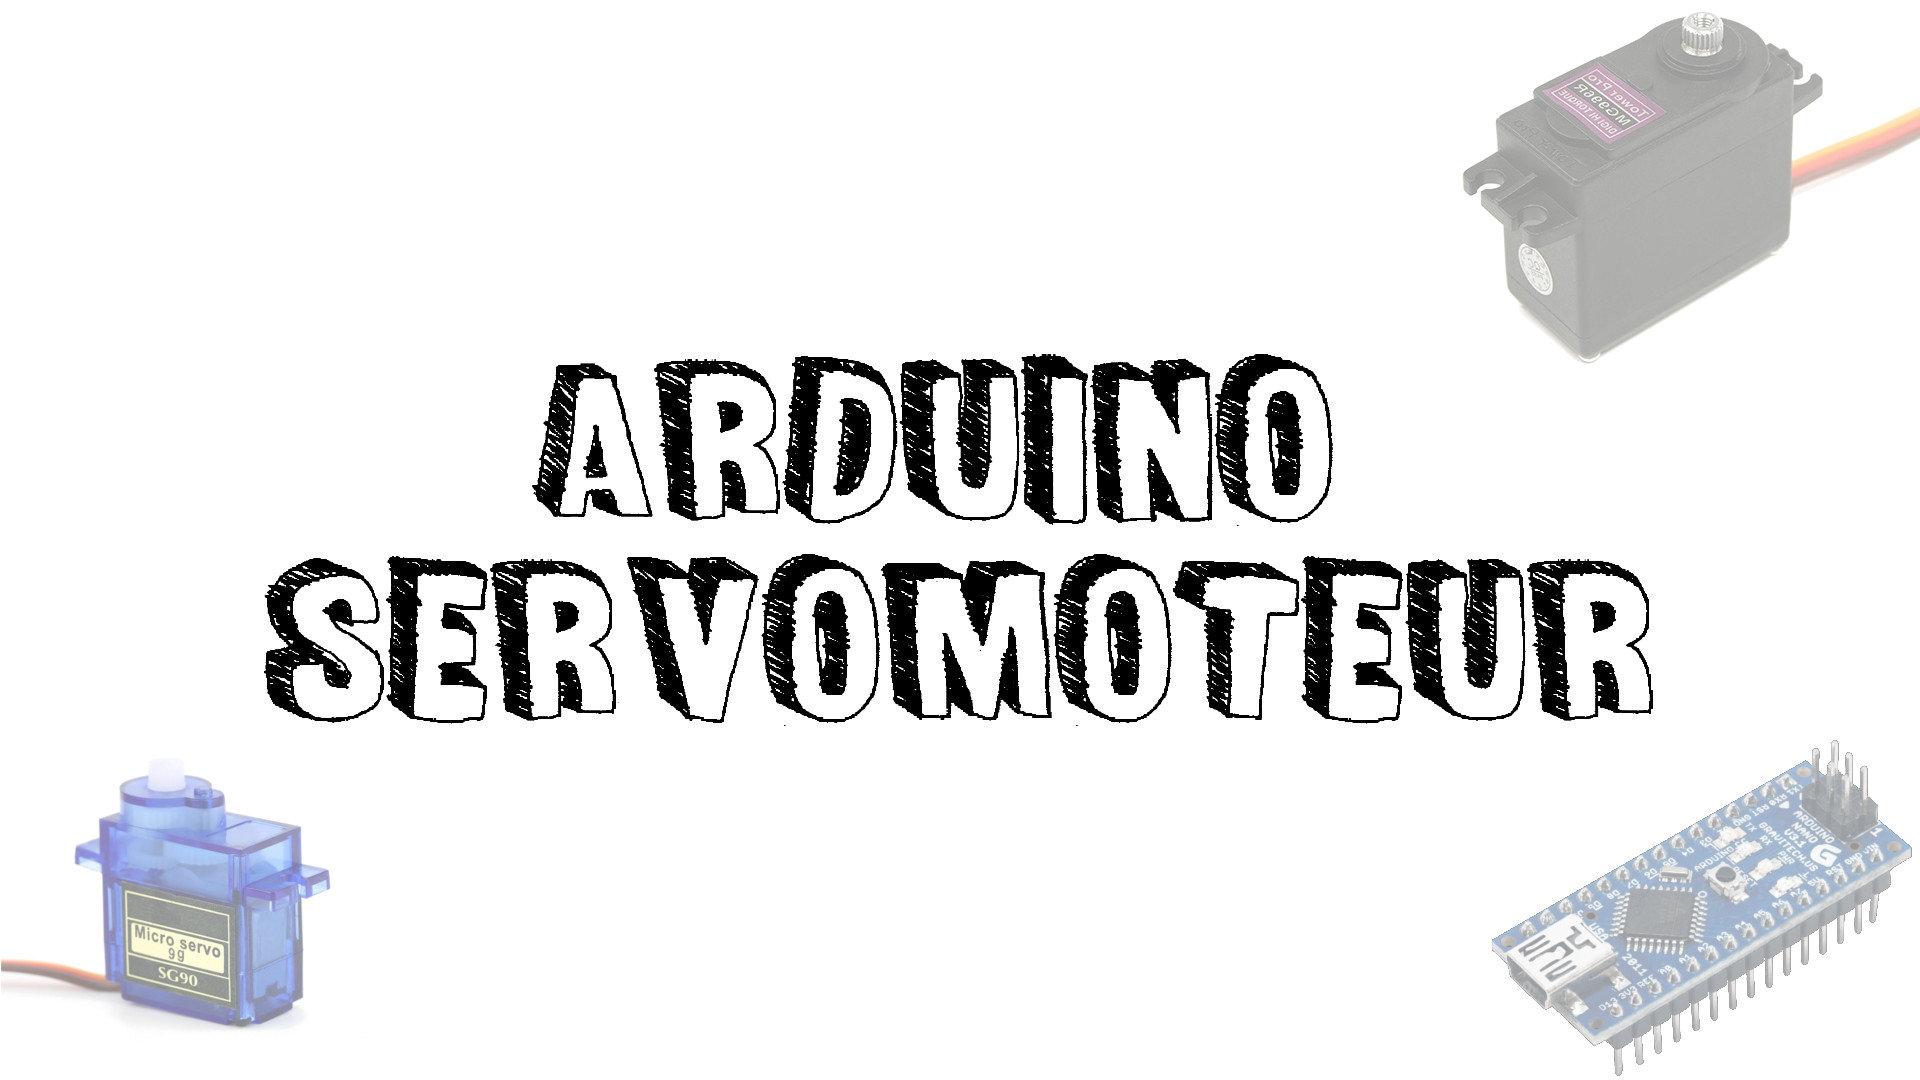 Servomoteur